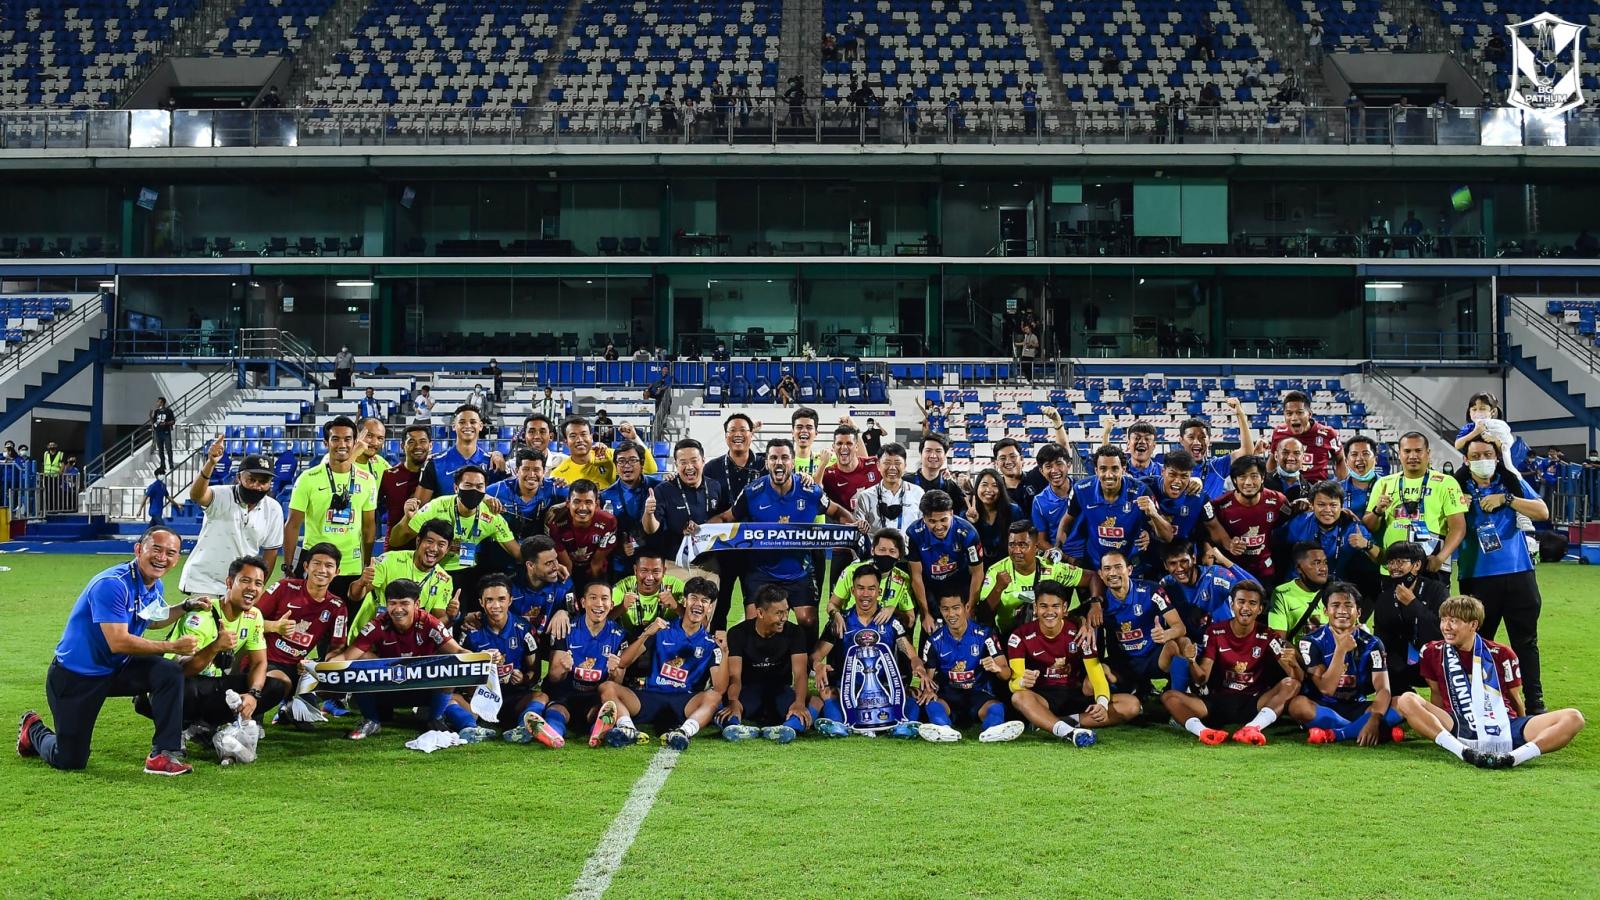 Cựu tiền vệ HAGL giúp đối thủ của Viettel vô địch Thai League sớm 6 vòng